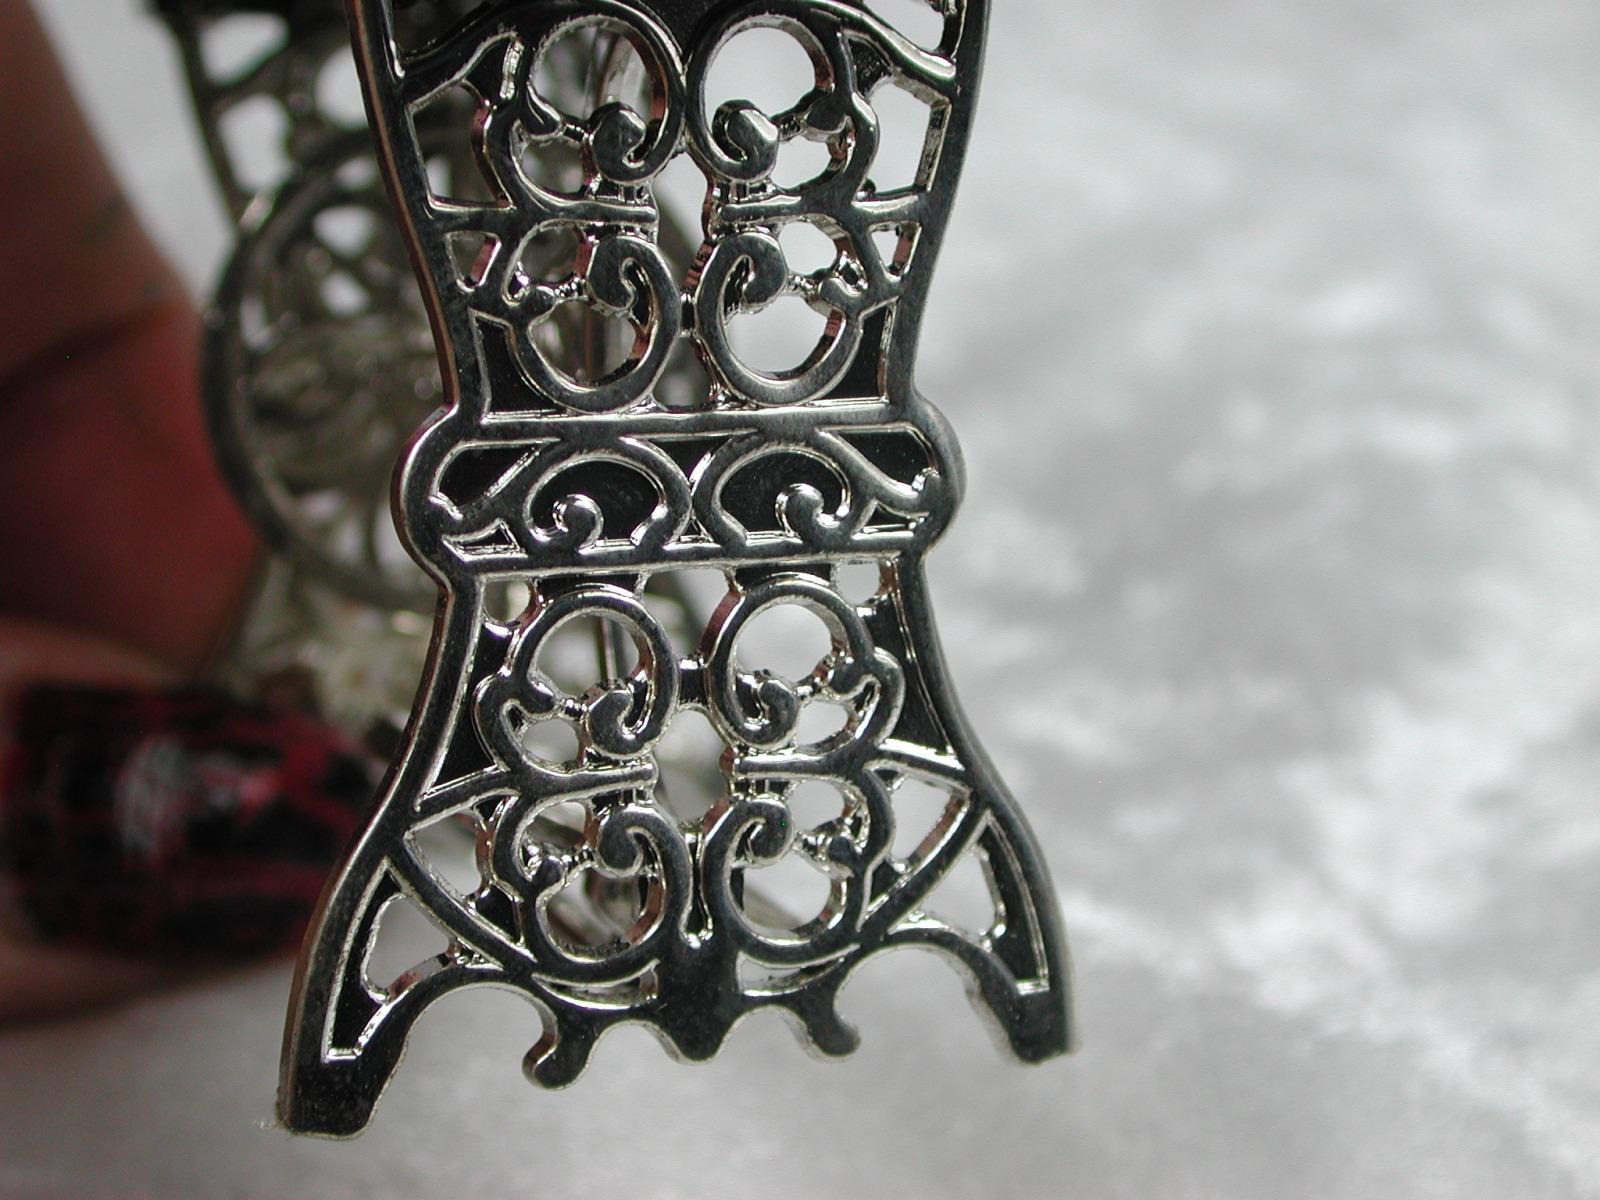 Nähmaschine silberfarbenes Metall schwarzer Tisch für